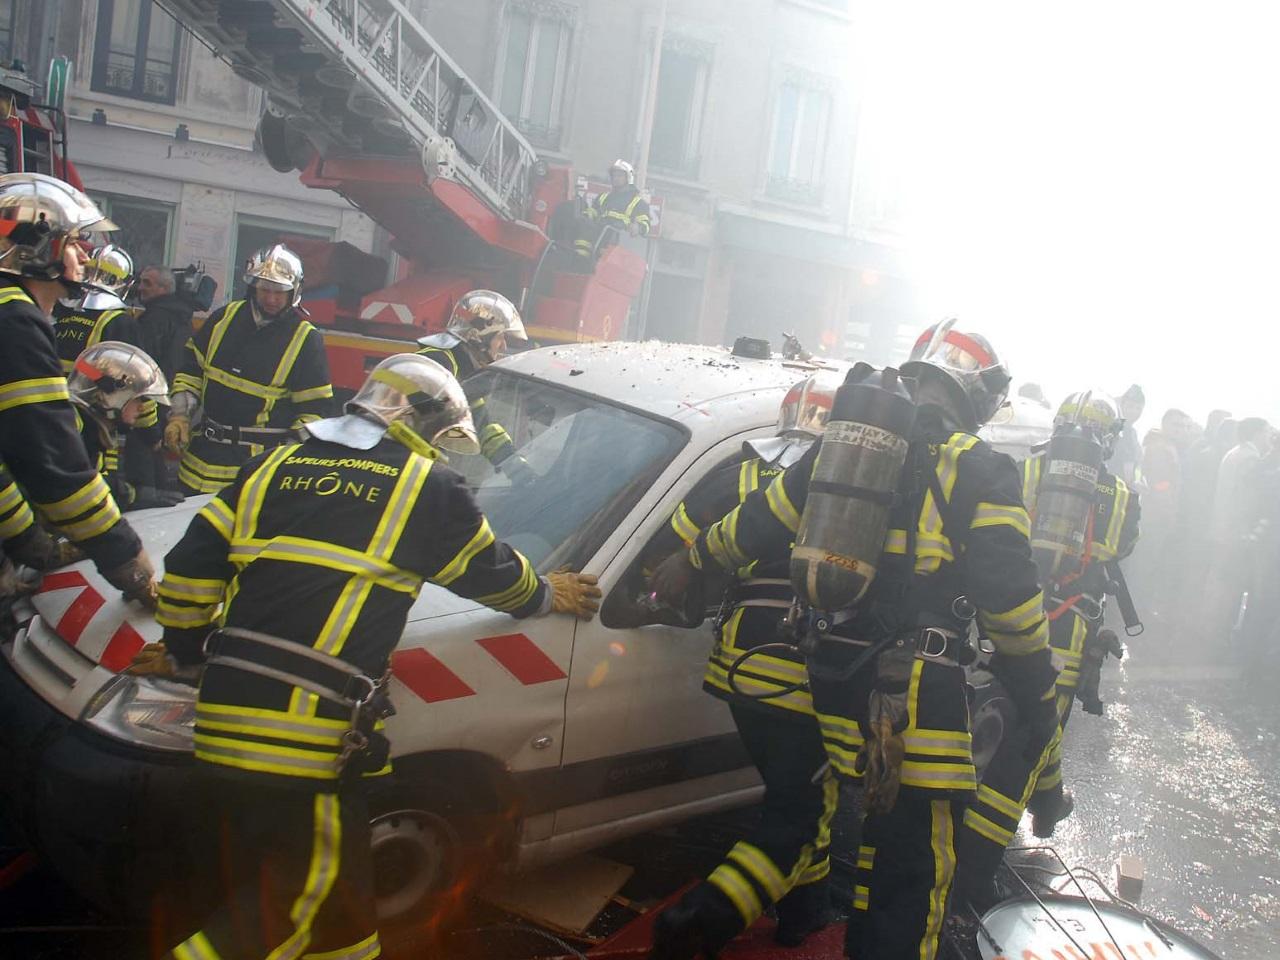 Les pompiers du Rhône héroïques - Archives LyonMag